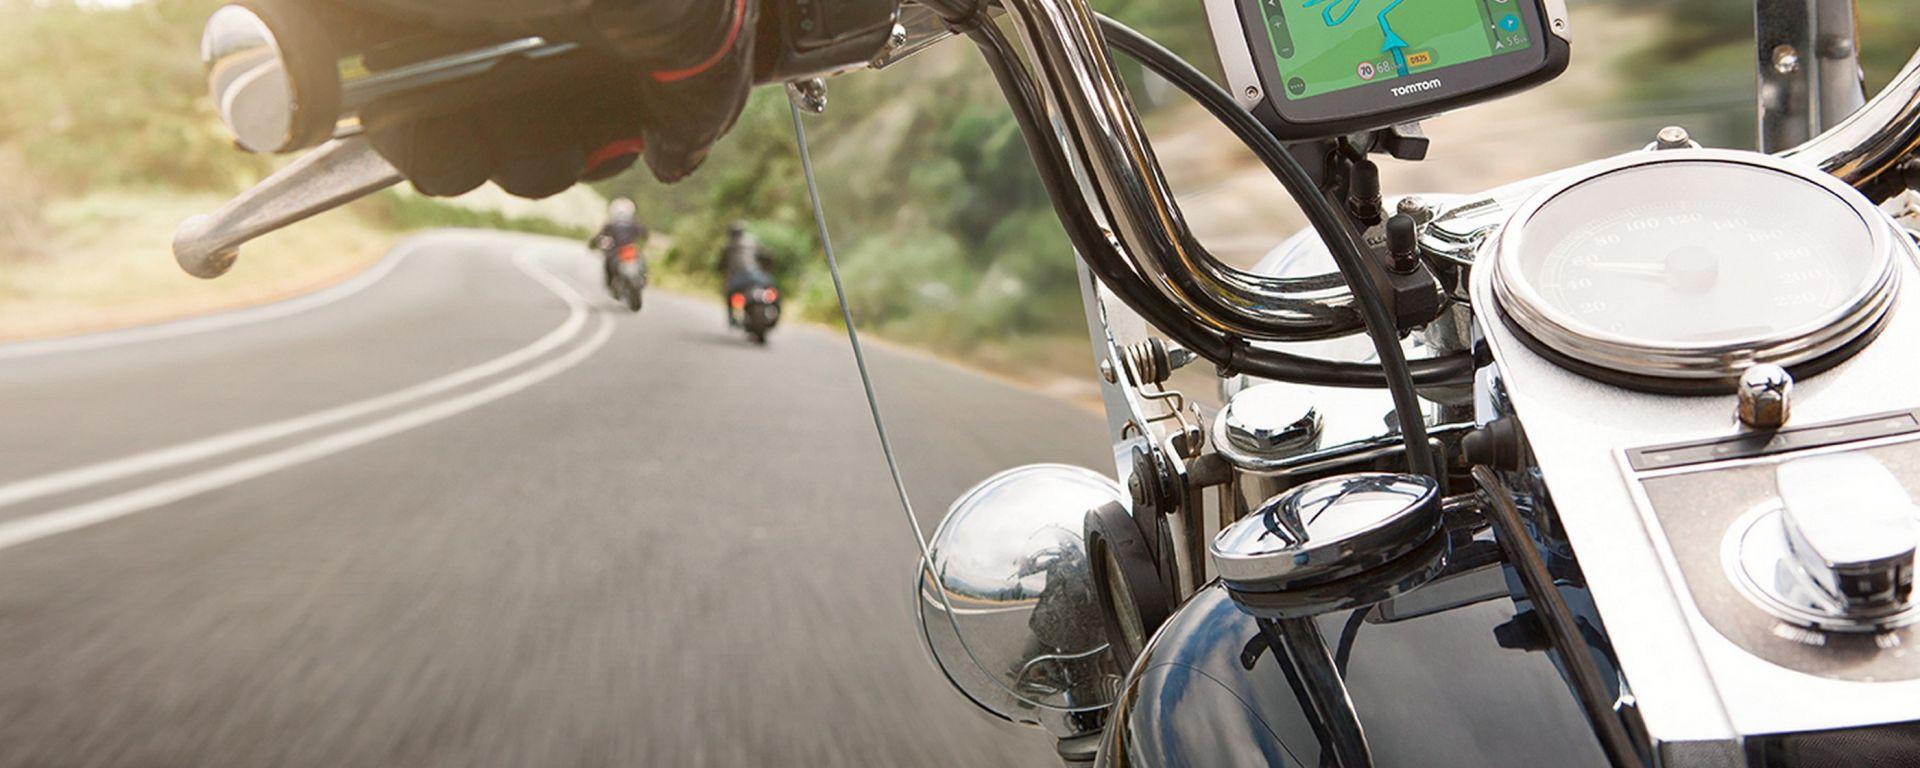 TomTom Rider 2015